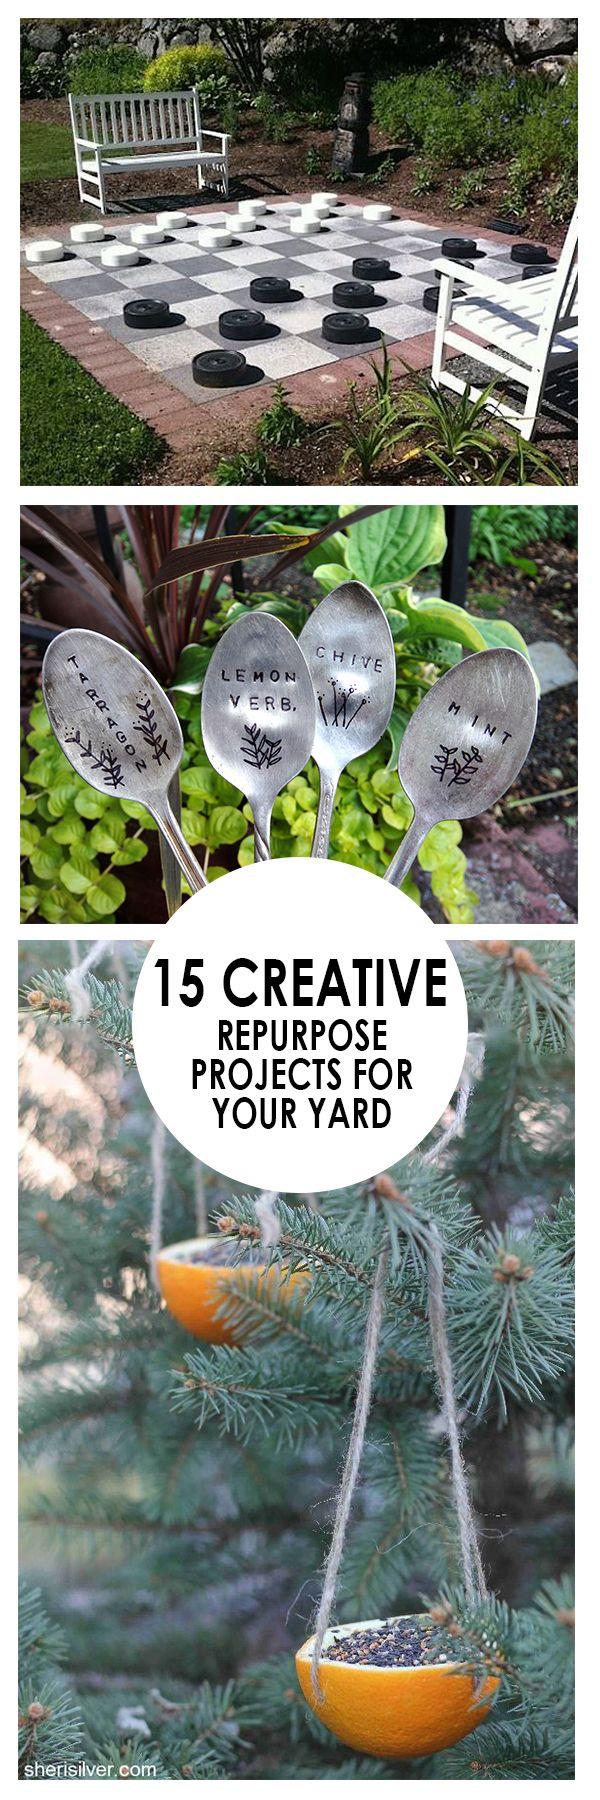 1Gardening, home garden, garden hacks, garden tips and tricks, growing plants, plants, vegetable gardening, planting fruit, flower garden, outdoor living